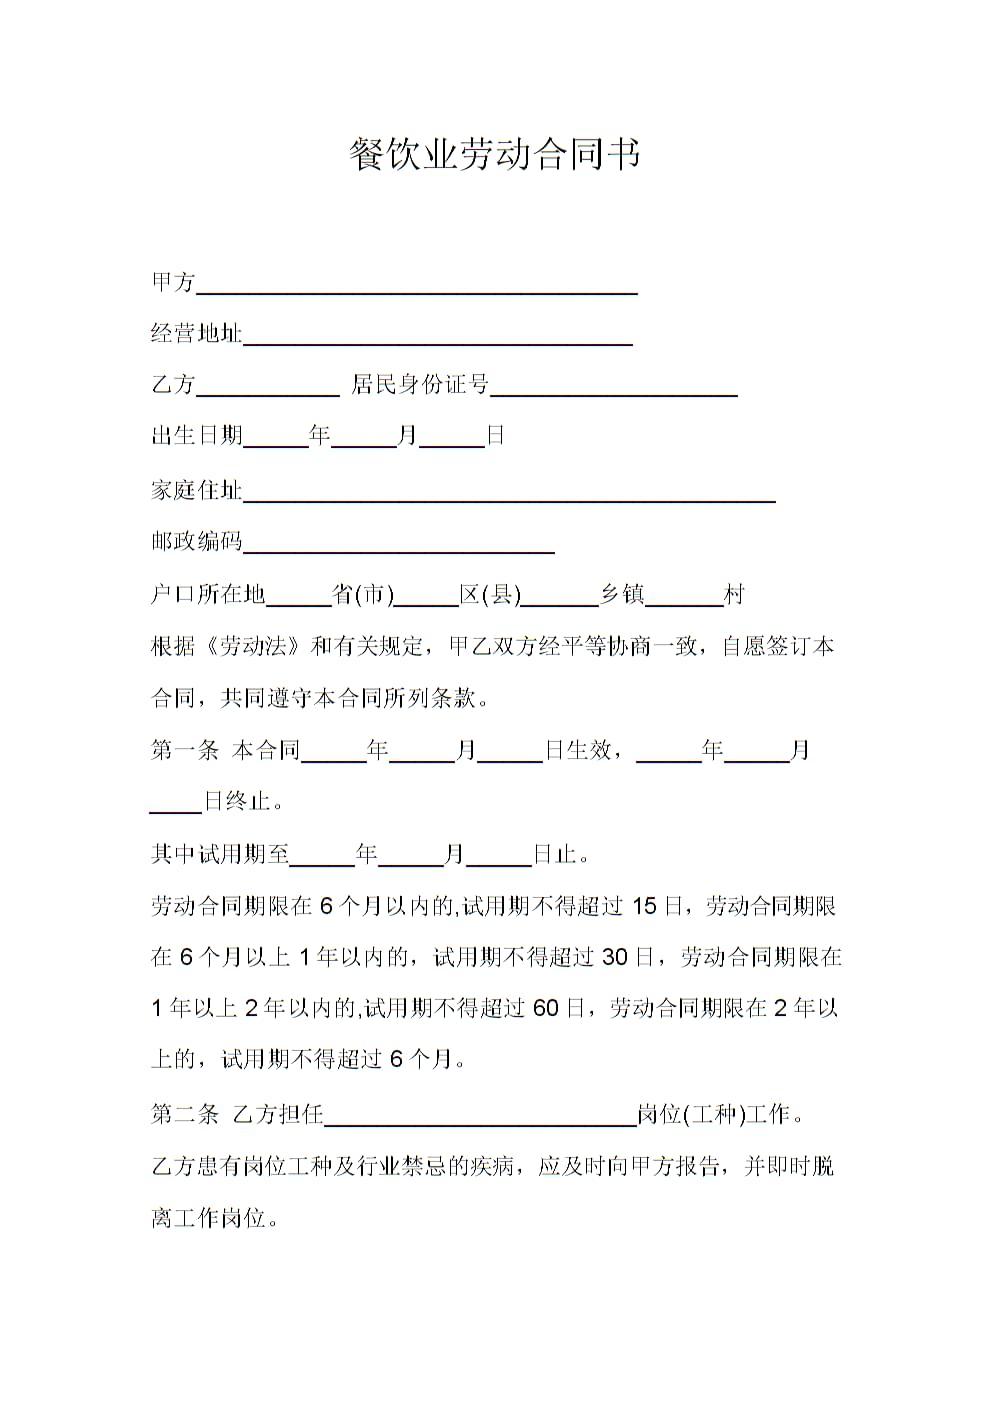 餐饮业劳动合同书.ppt